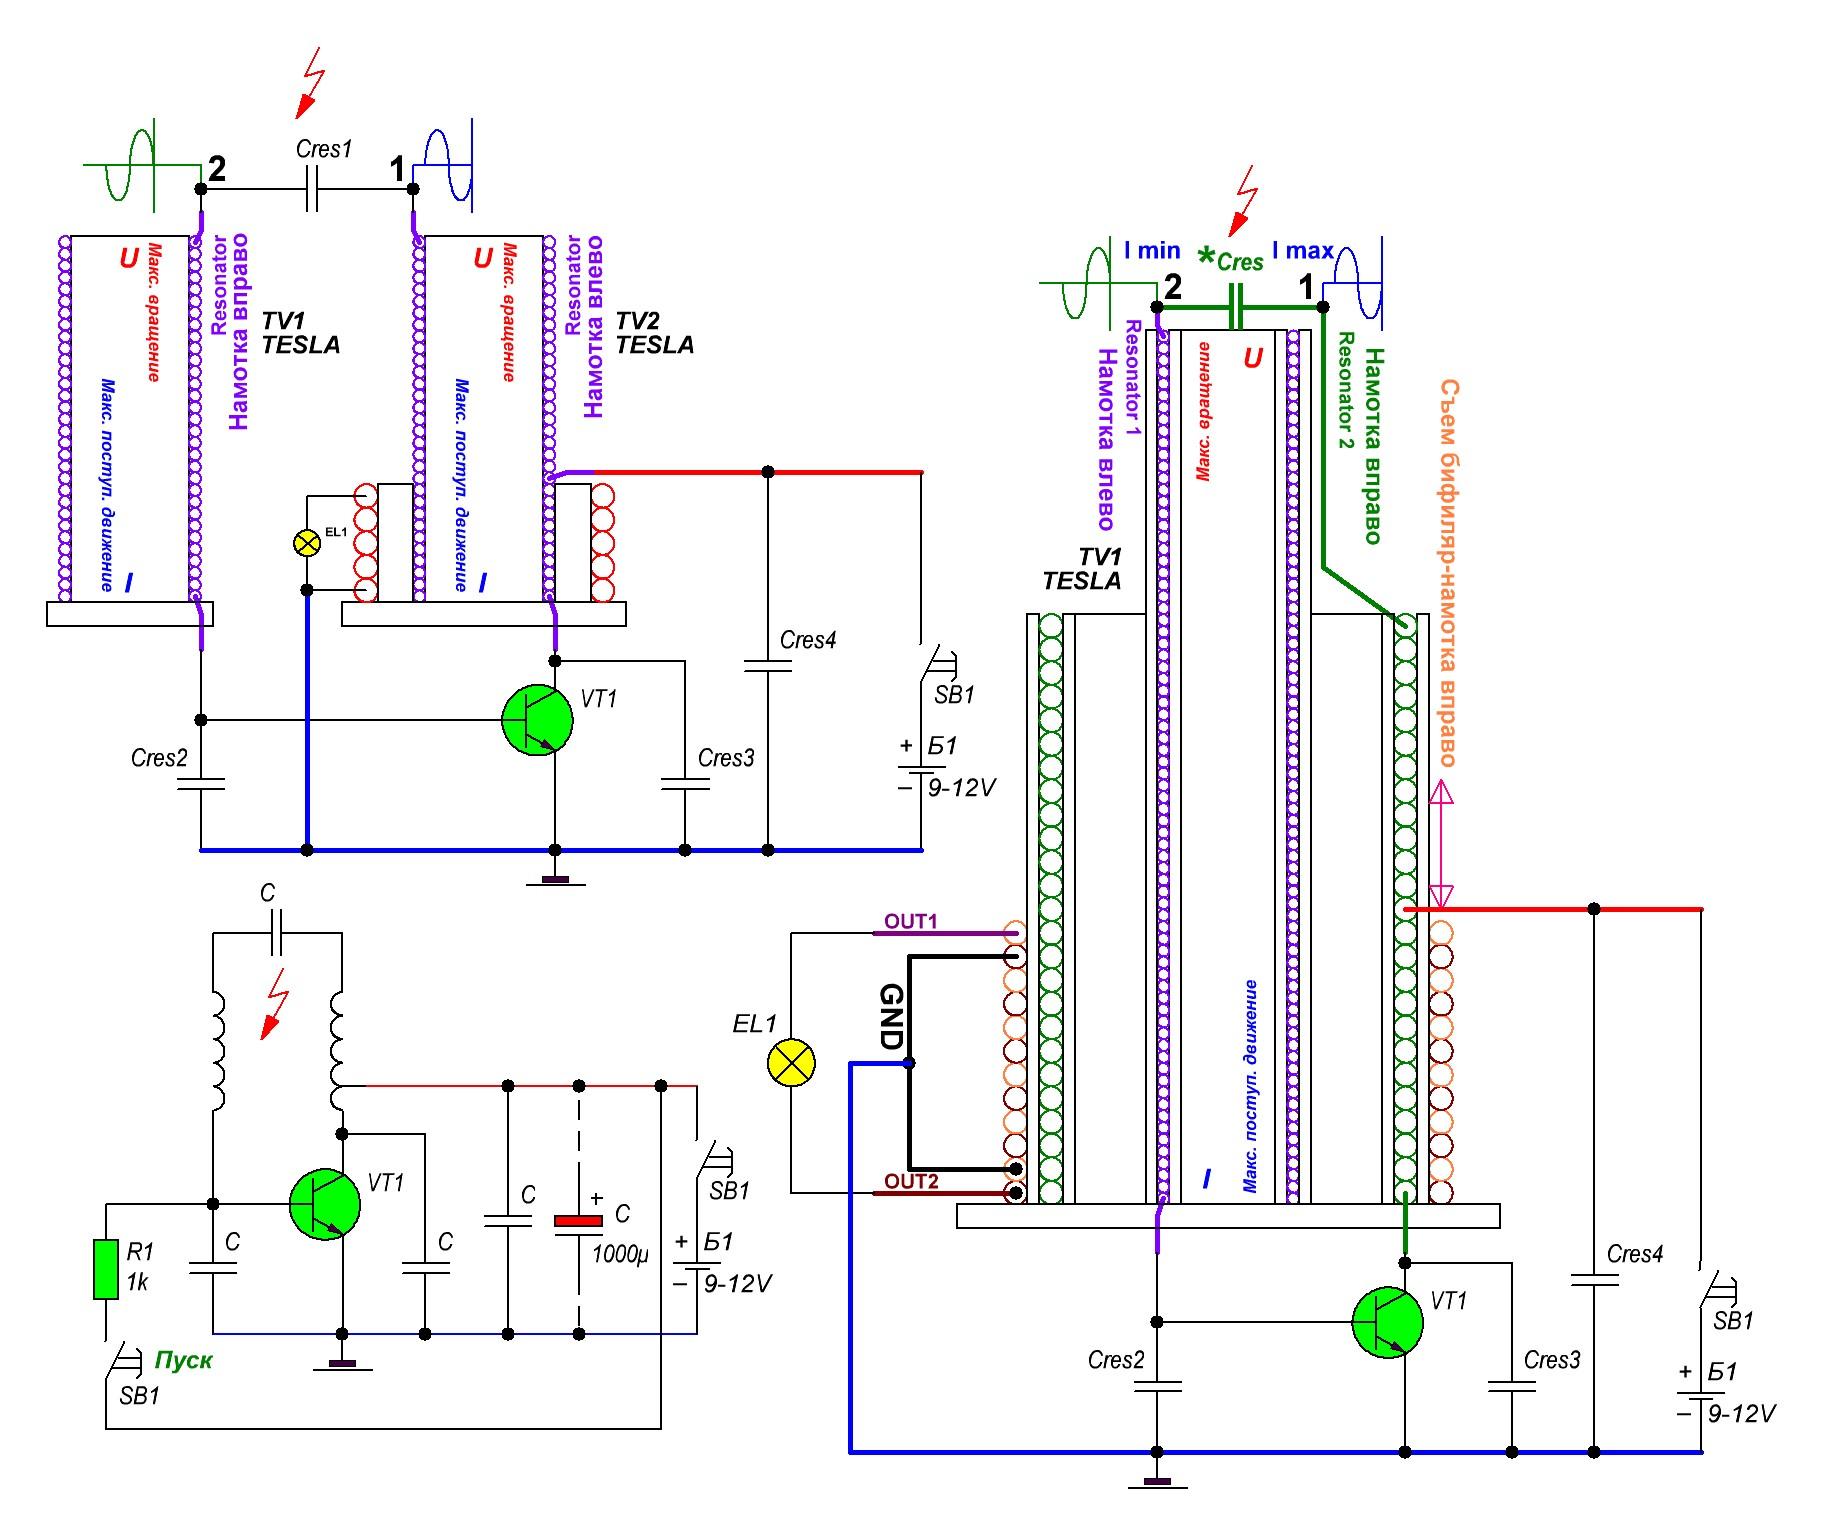 Схема механического осциллятора теслы